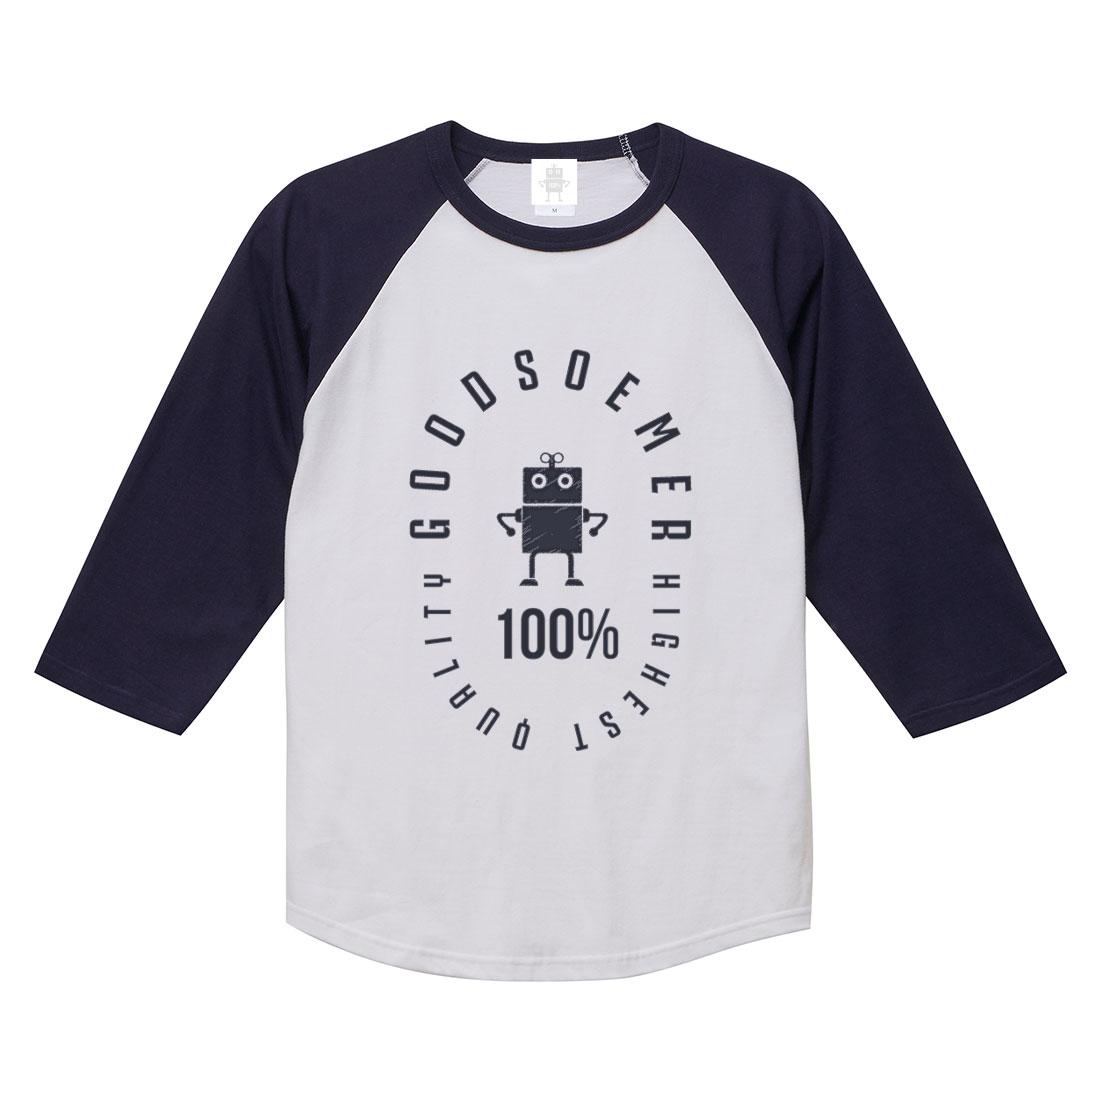 ラグランスリーブTシャツ ホワイト ネイビー